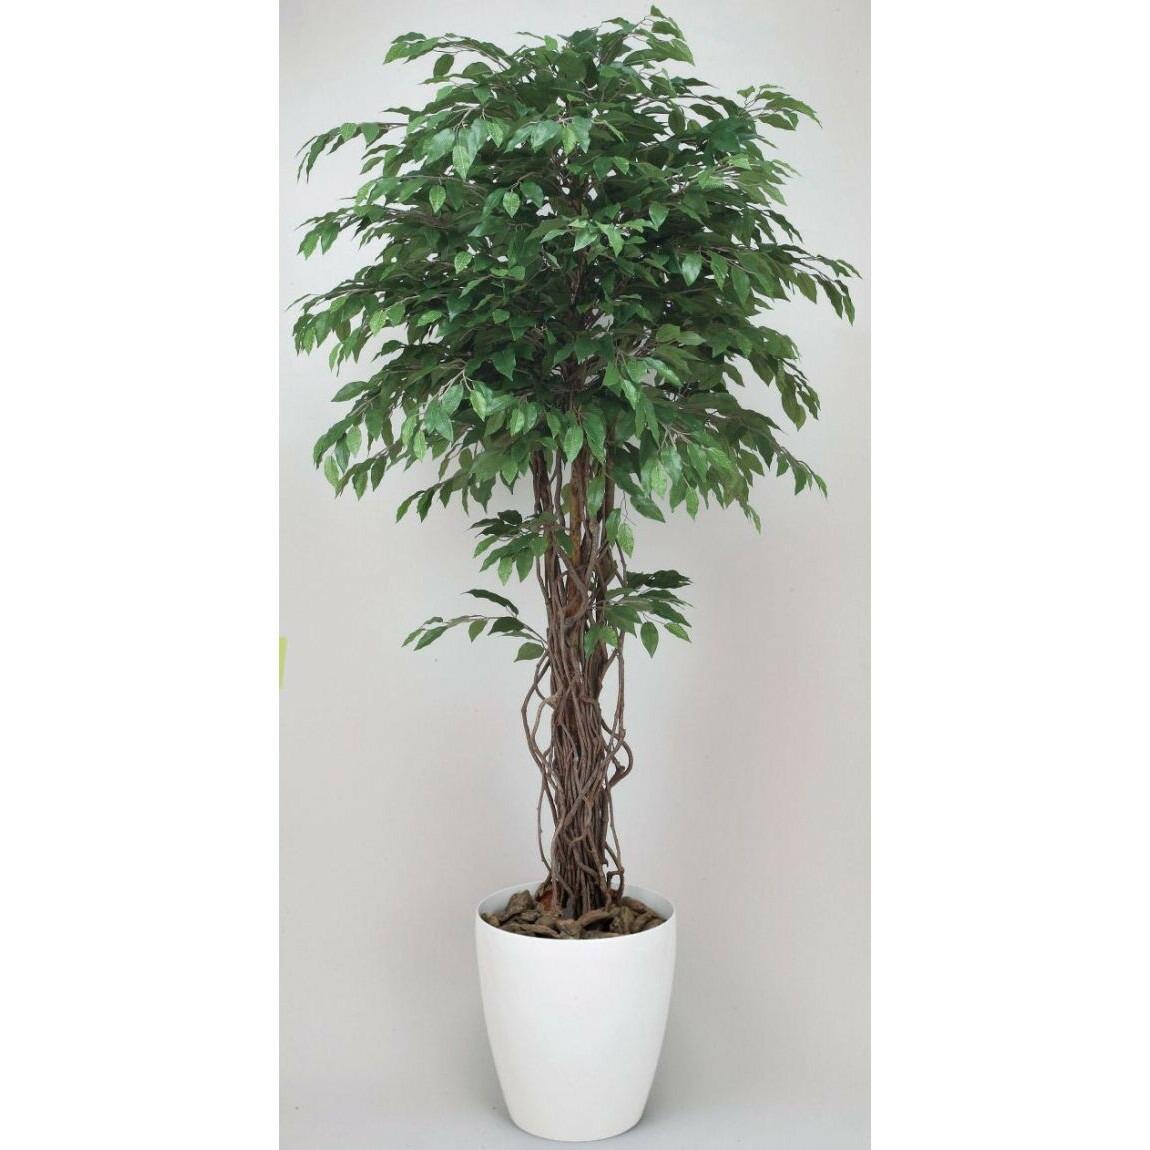 光触媒 光の楽園ベンジャミンリアナ 1.8m【インテリアグリーン 人工観葉植物】